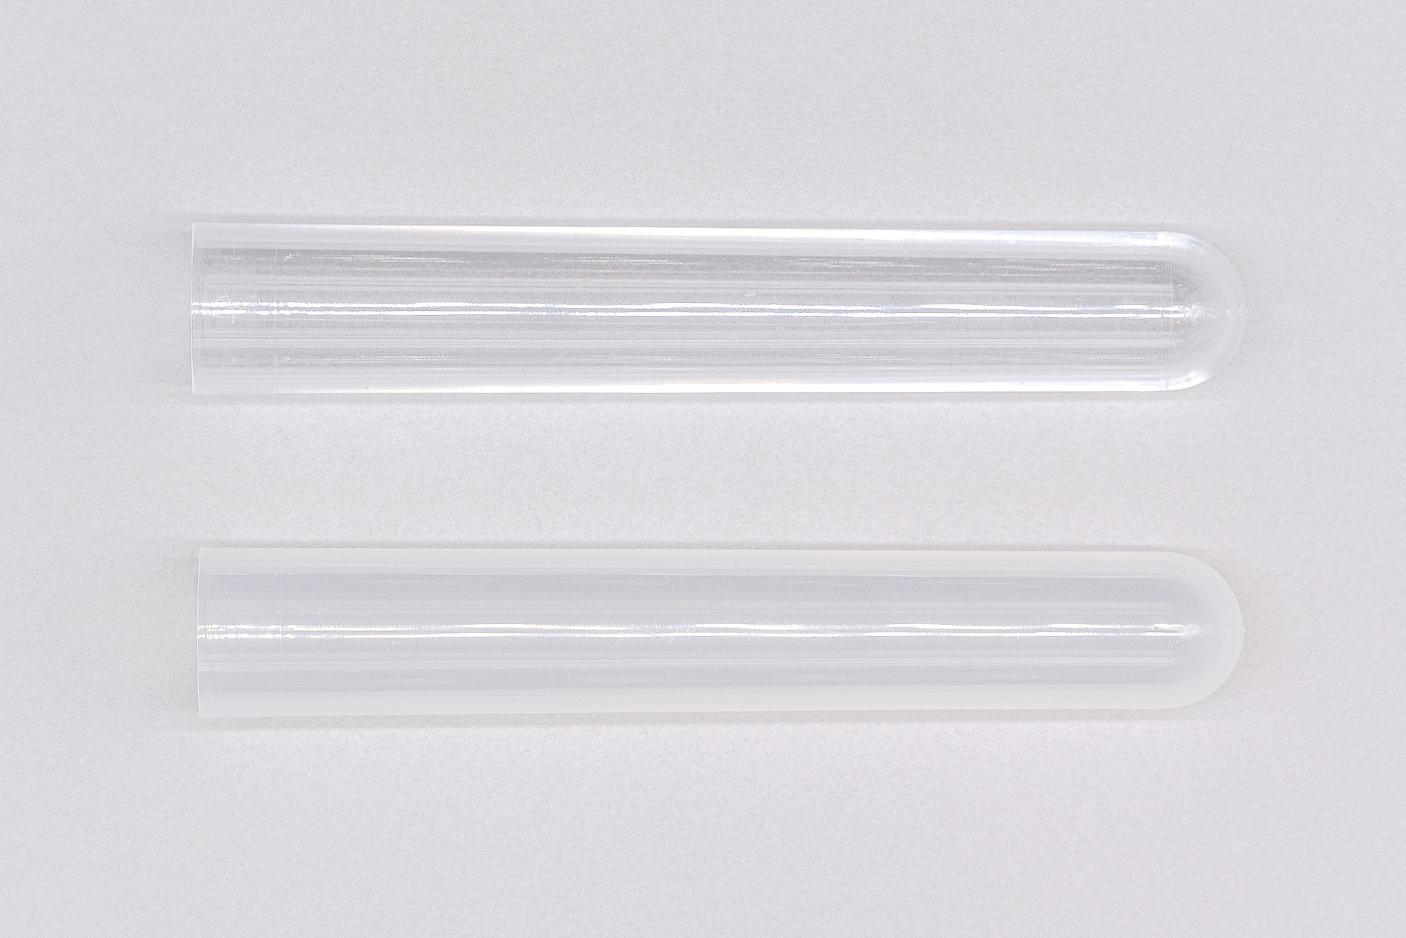 プラスチック 試験管 チューブ 2